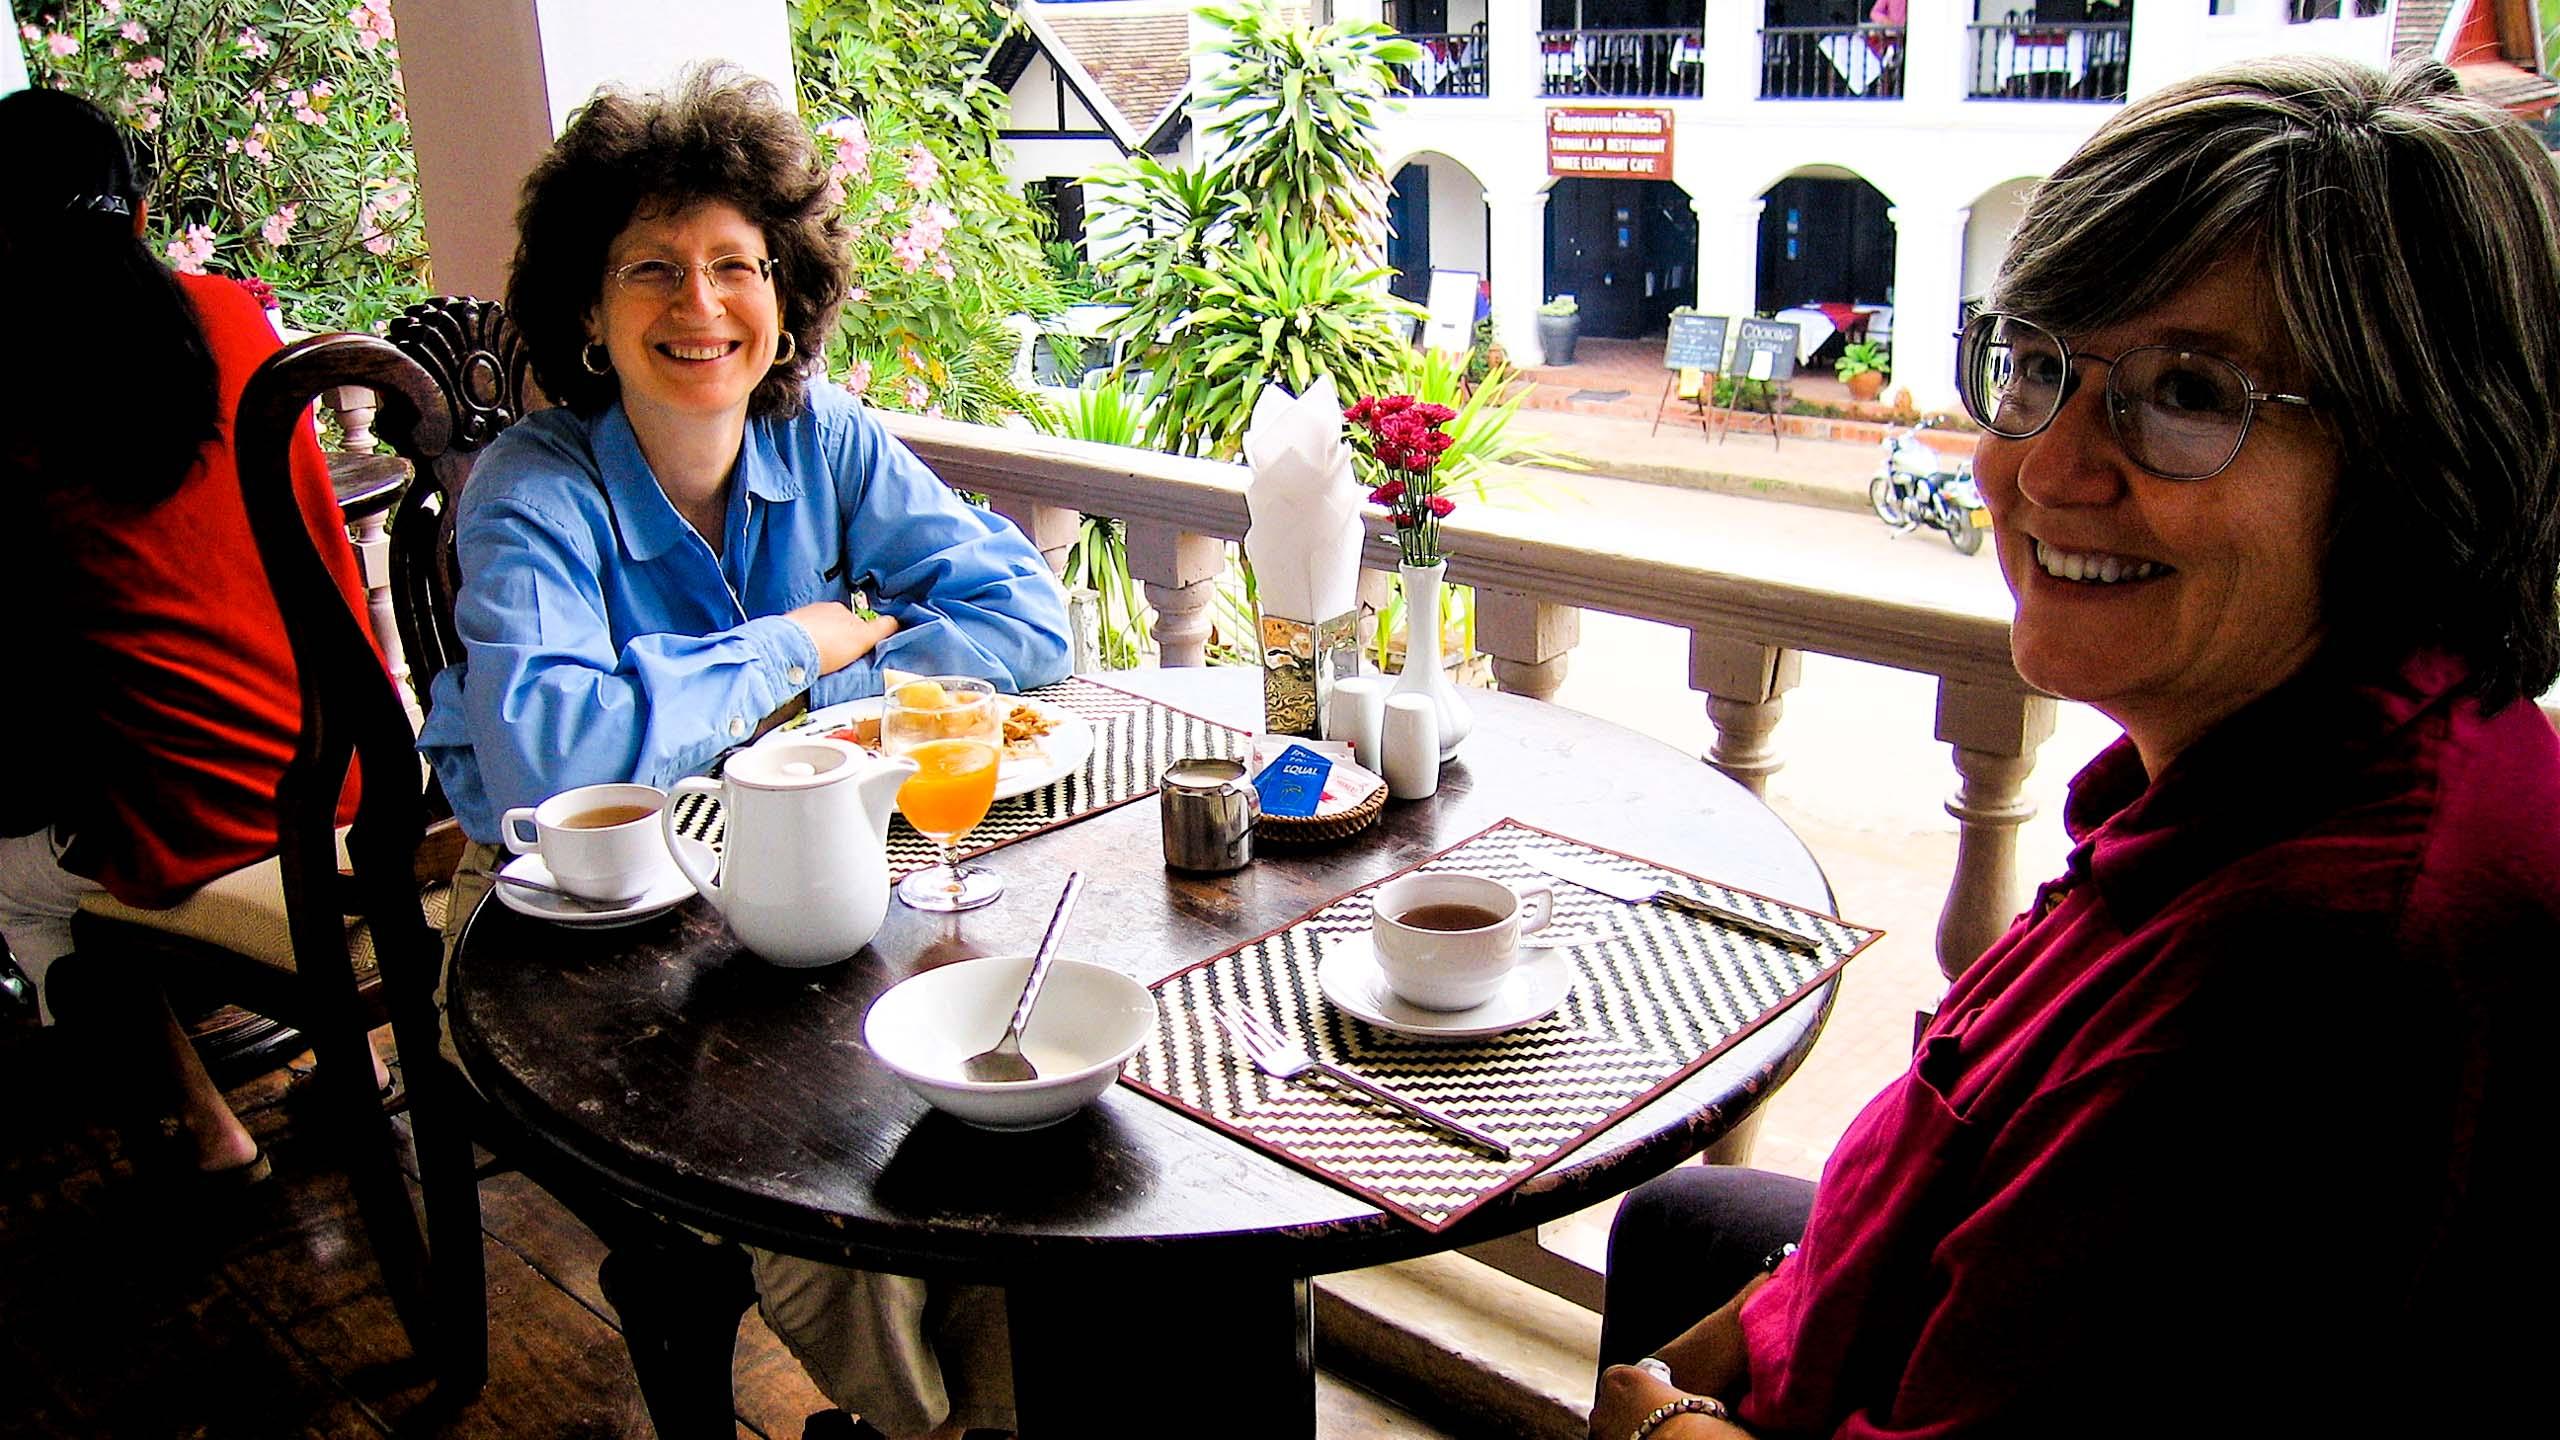 Two women enjoy a Laos cafe